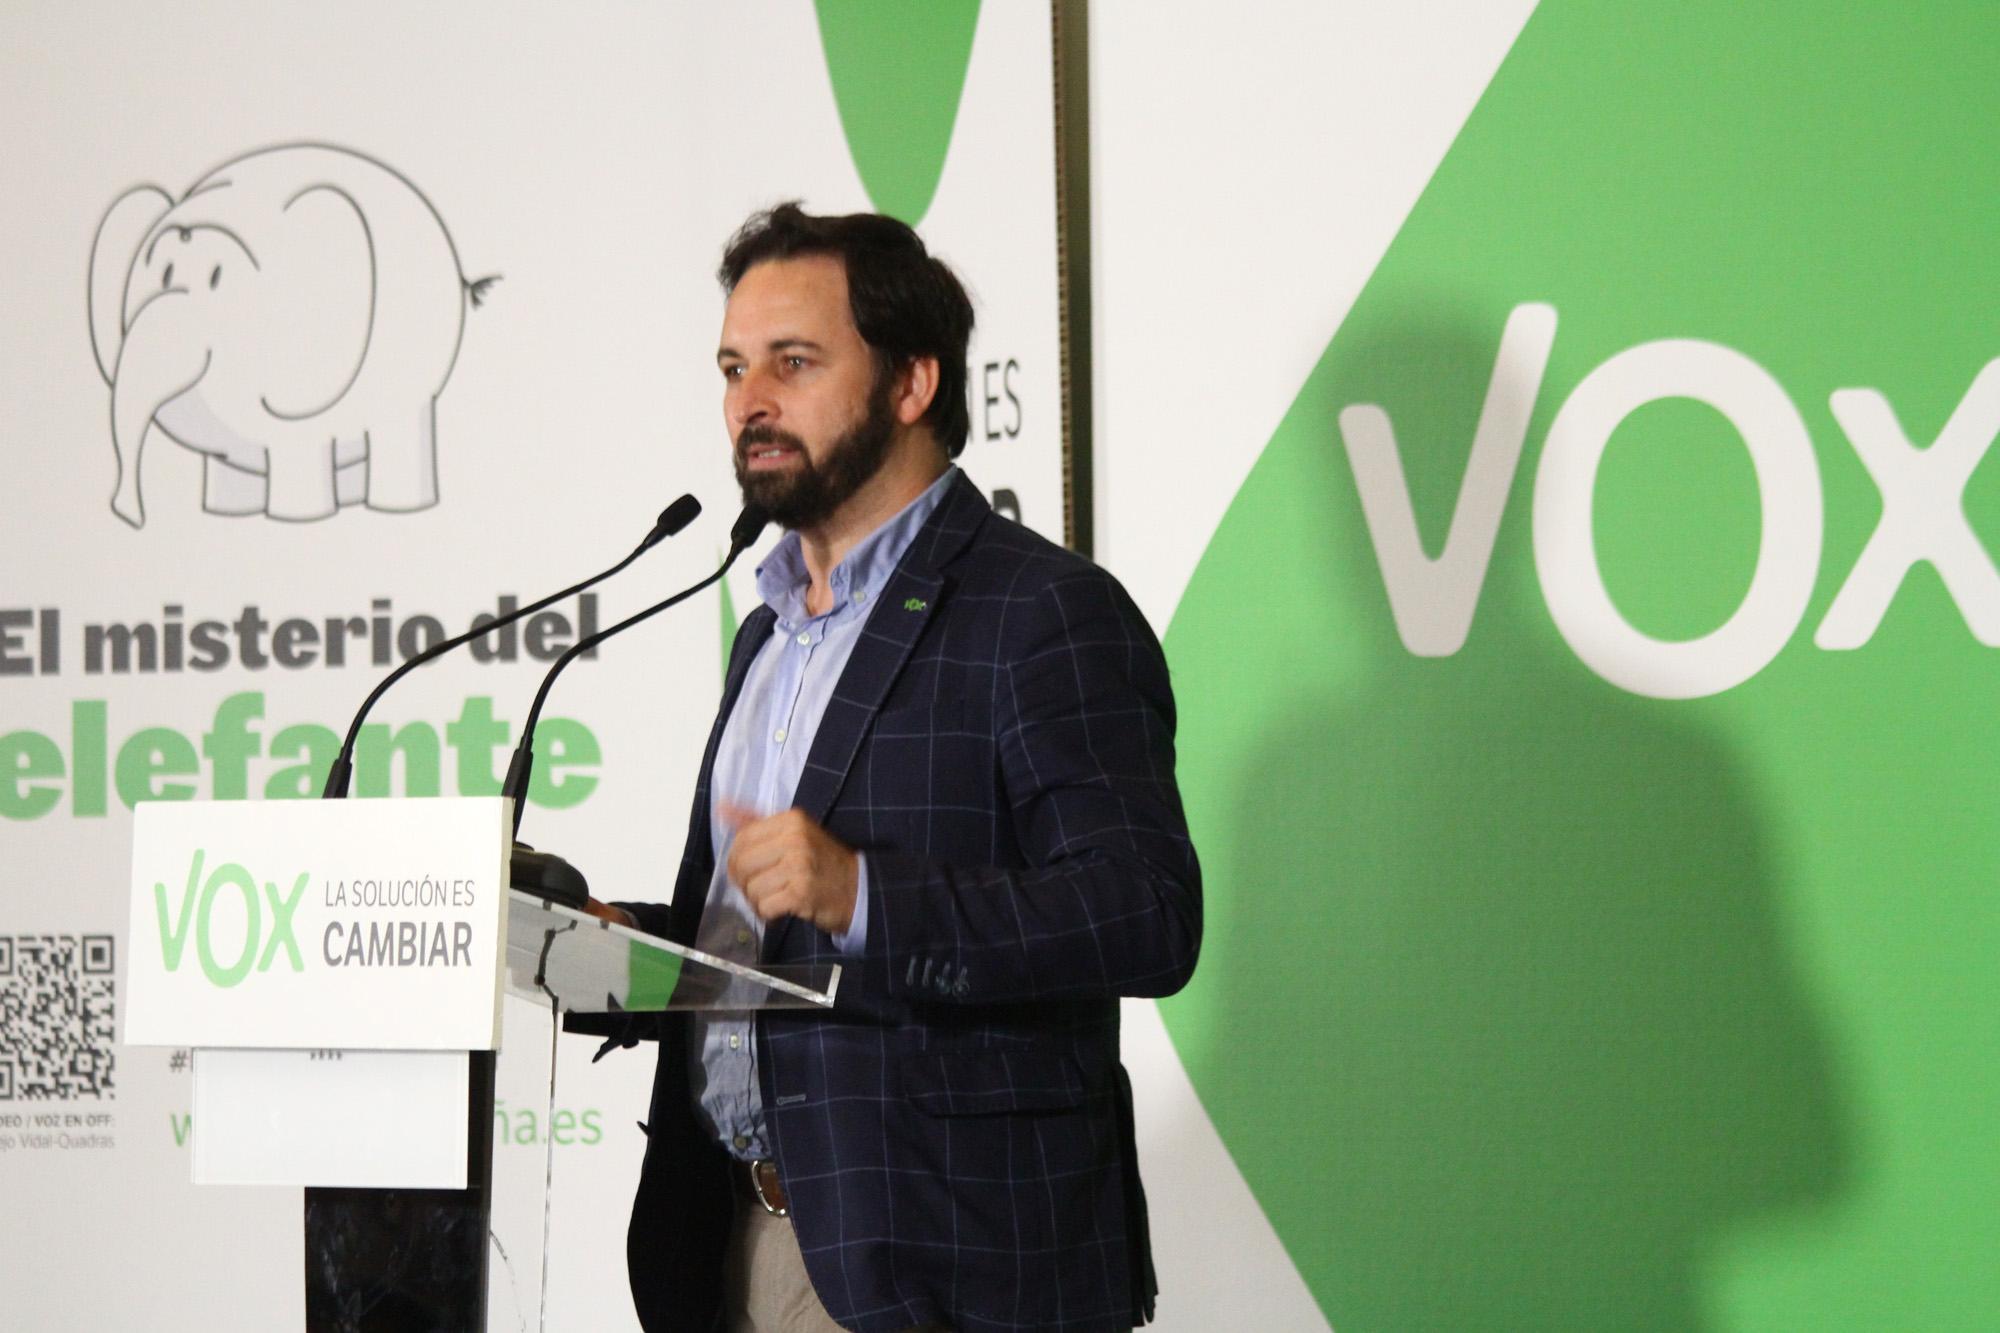 Абаскаль выступает за право испанцев на хранение оружия в целях самозащиты